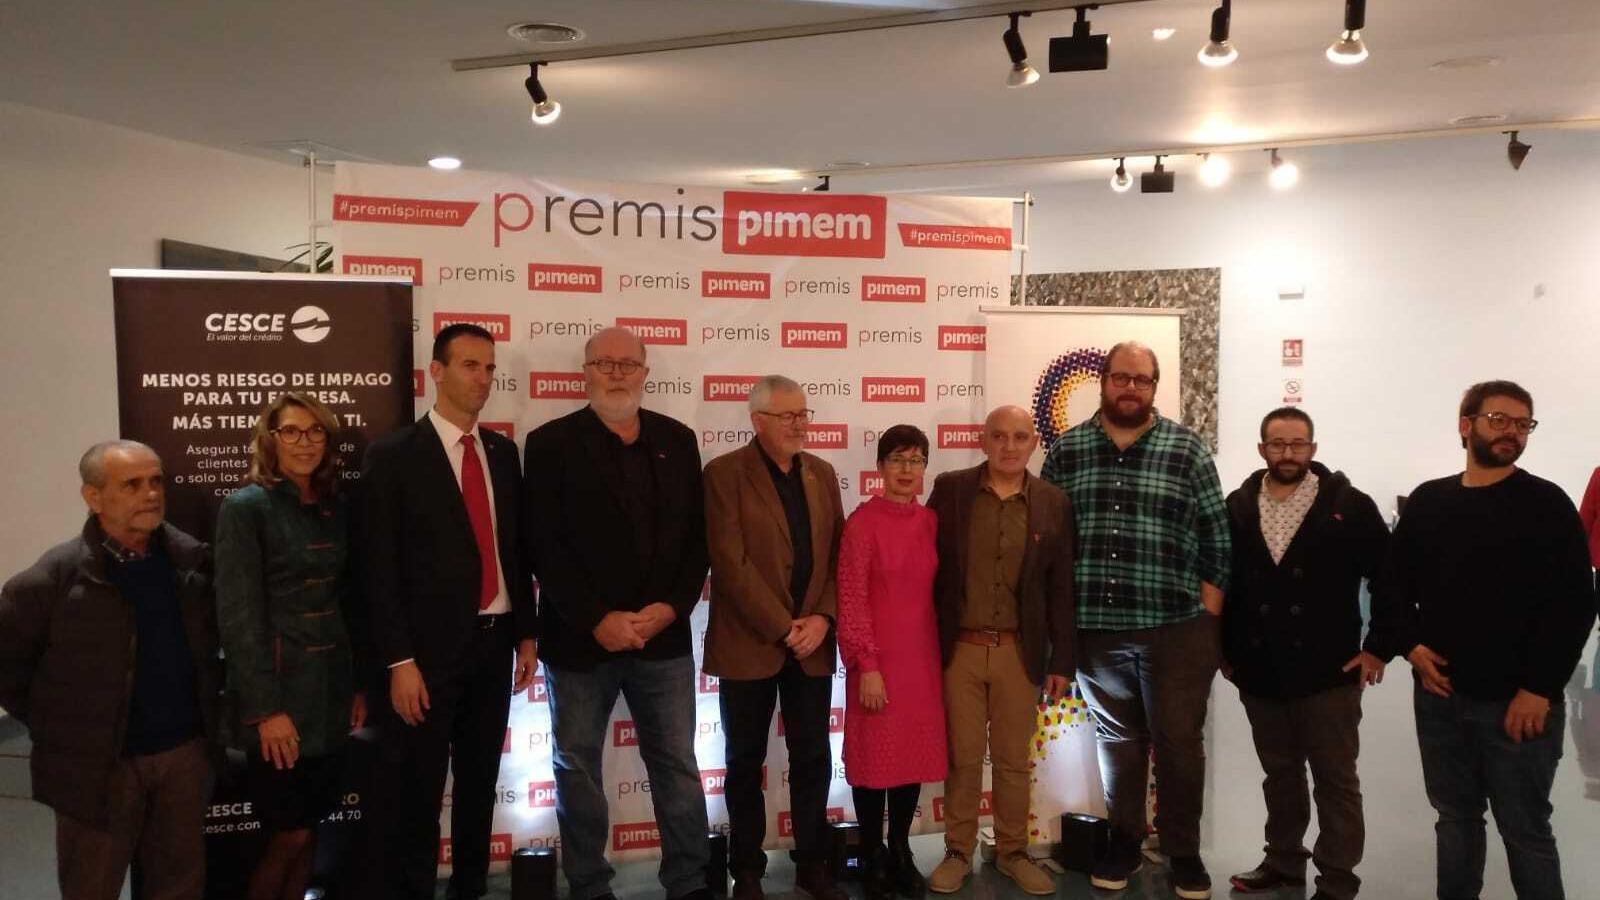 Guanyadors dels premis PIMEM.